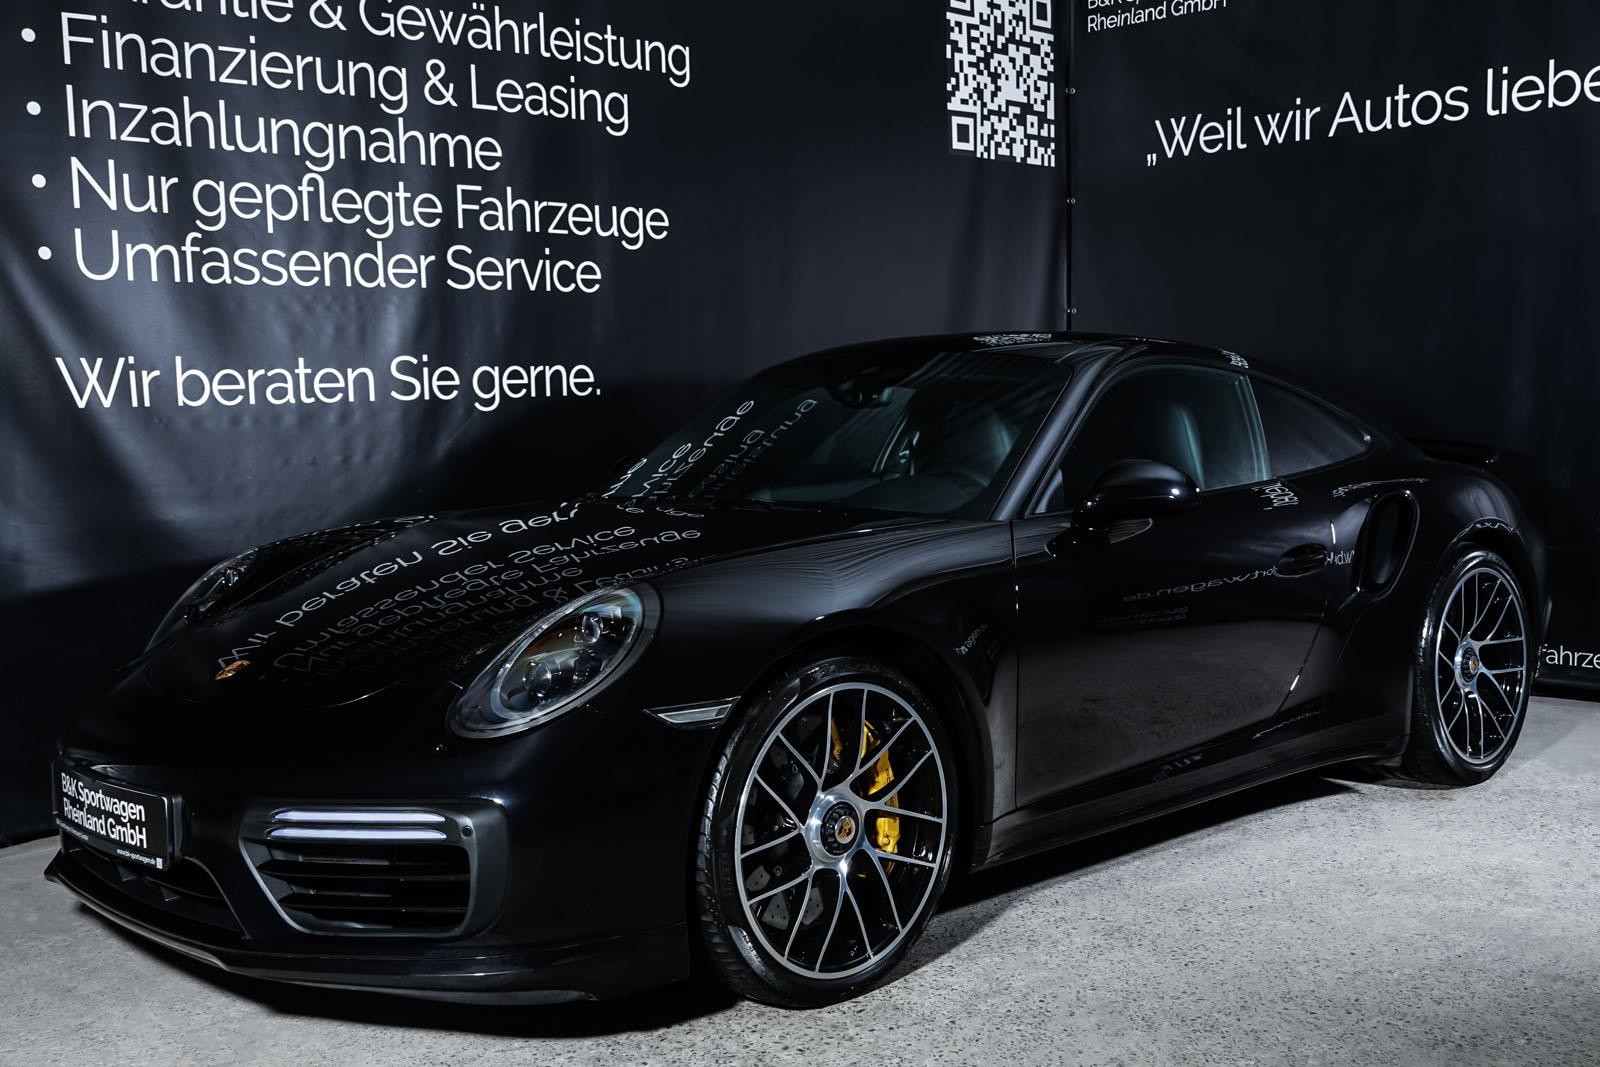 Porsche_991.2_TurboS_Tiefschwarz_Schwarz_1